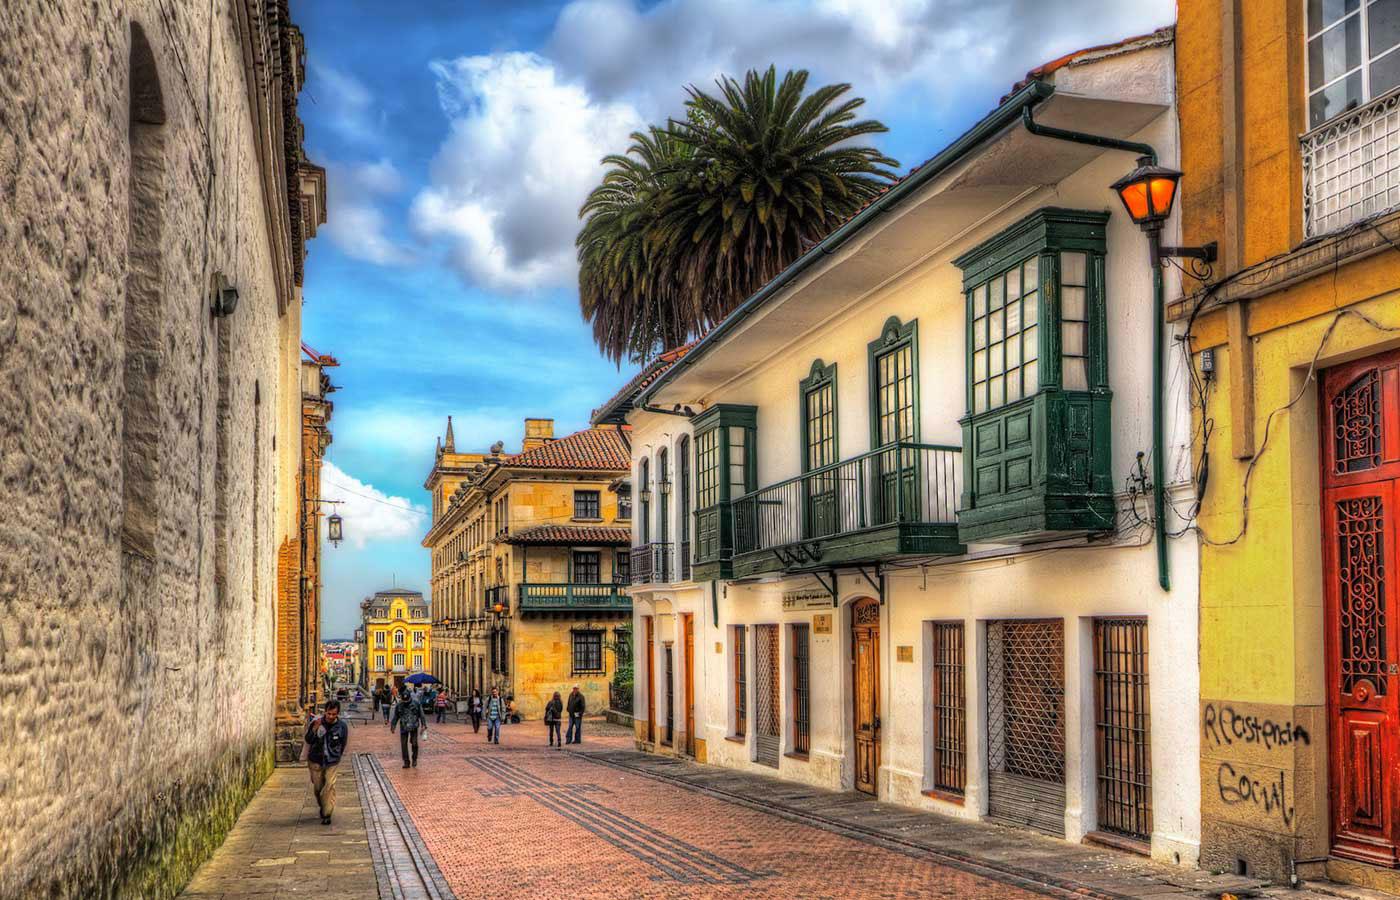 La Candelaria, Bogota - old colonial city